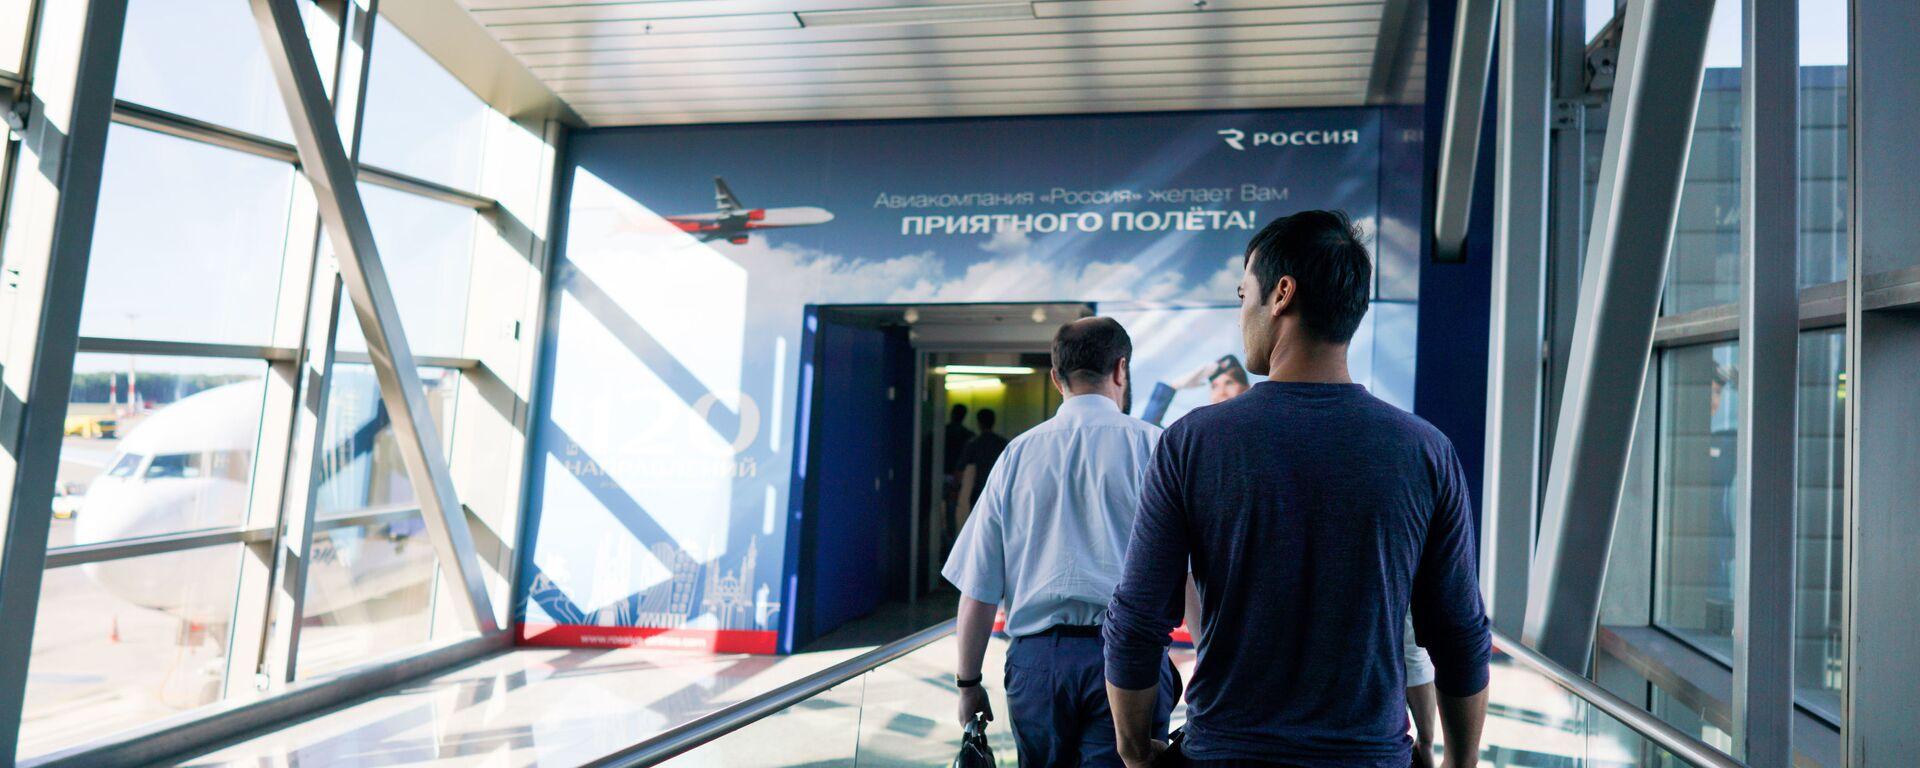 Граждане Узбекистана идут на посадку в терминале аэропорта Внуково  - Sputnik Таджикистан, 1920, 28.06.2021